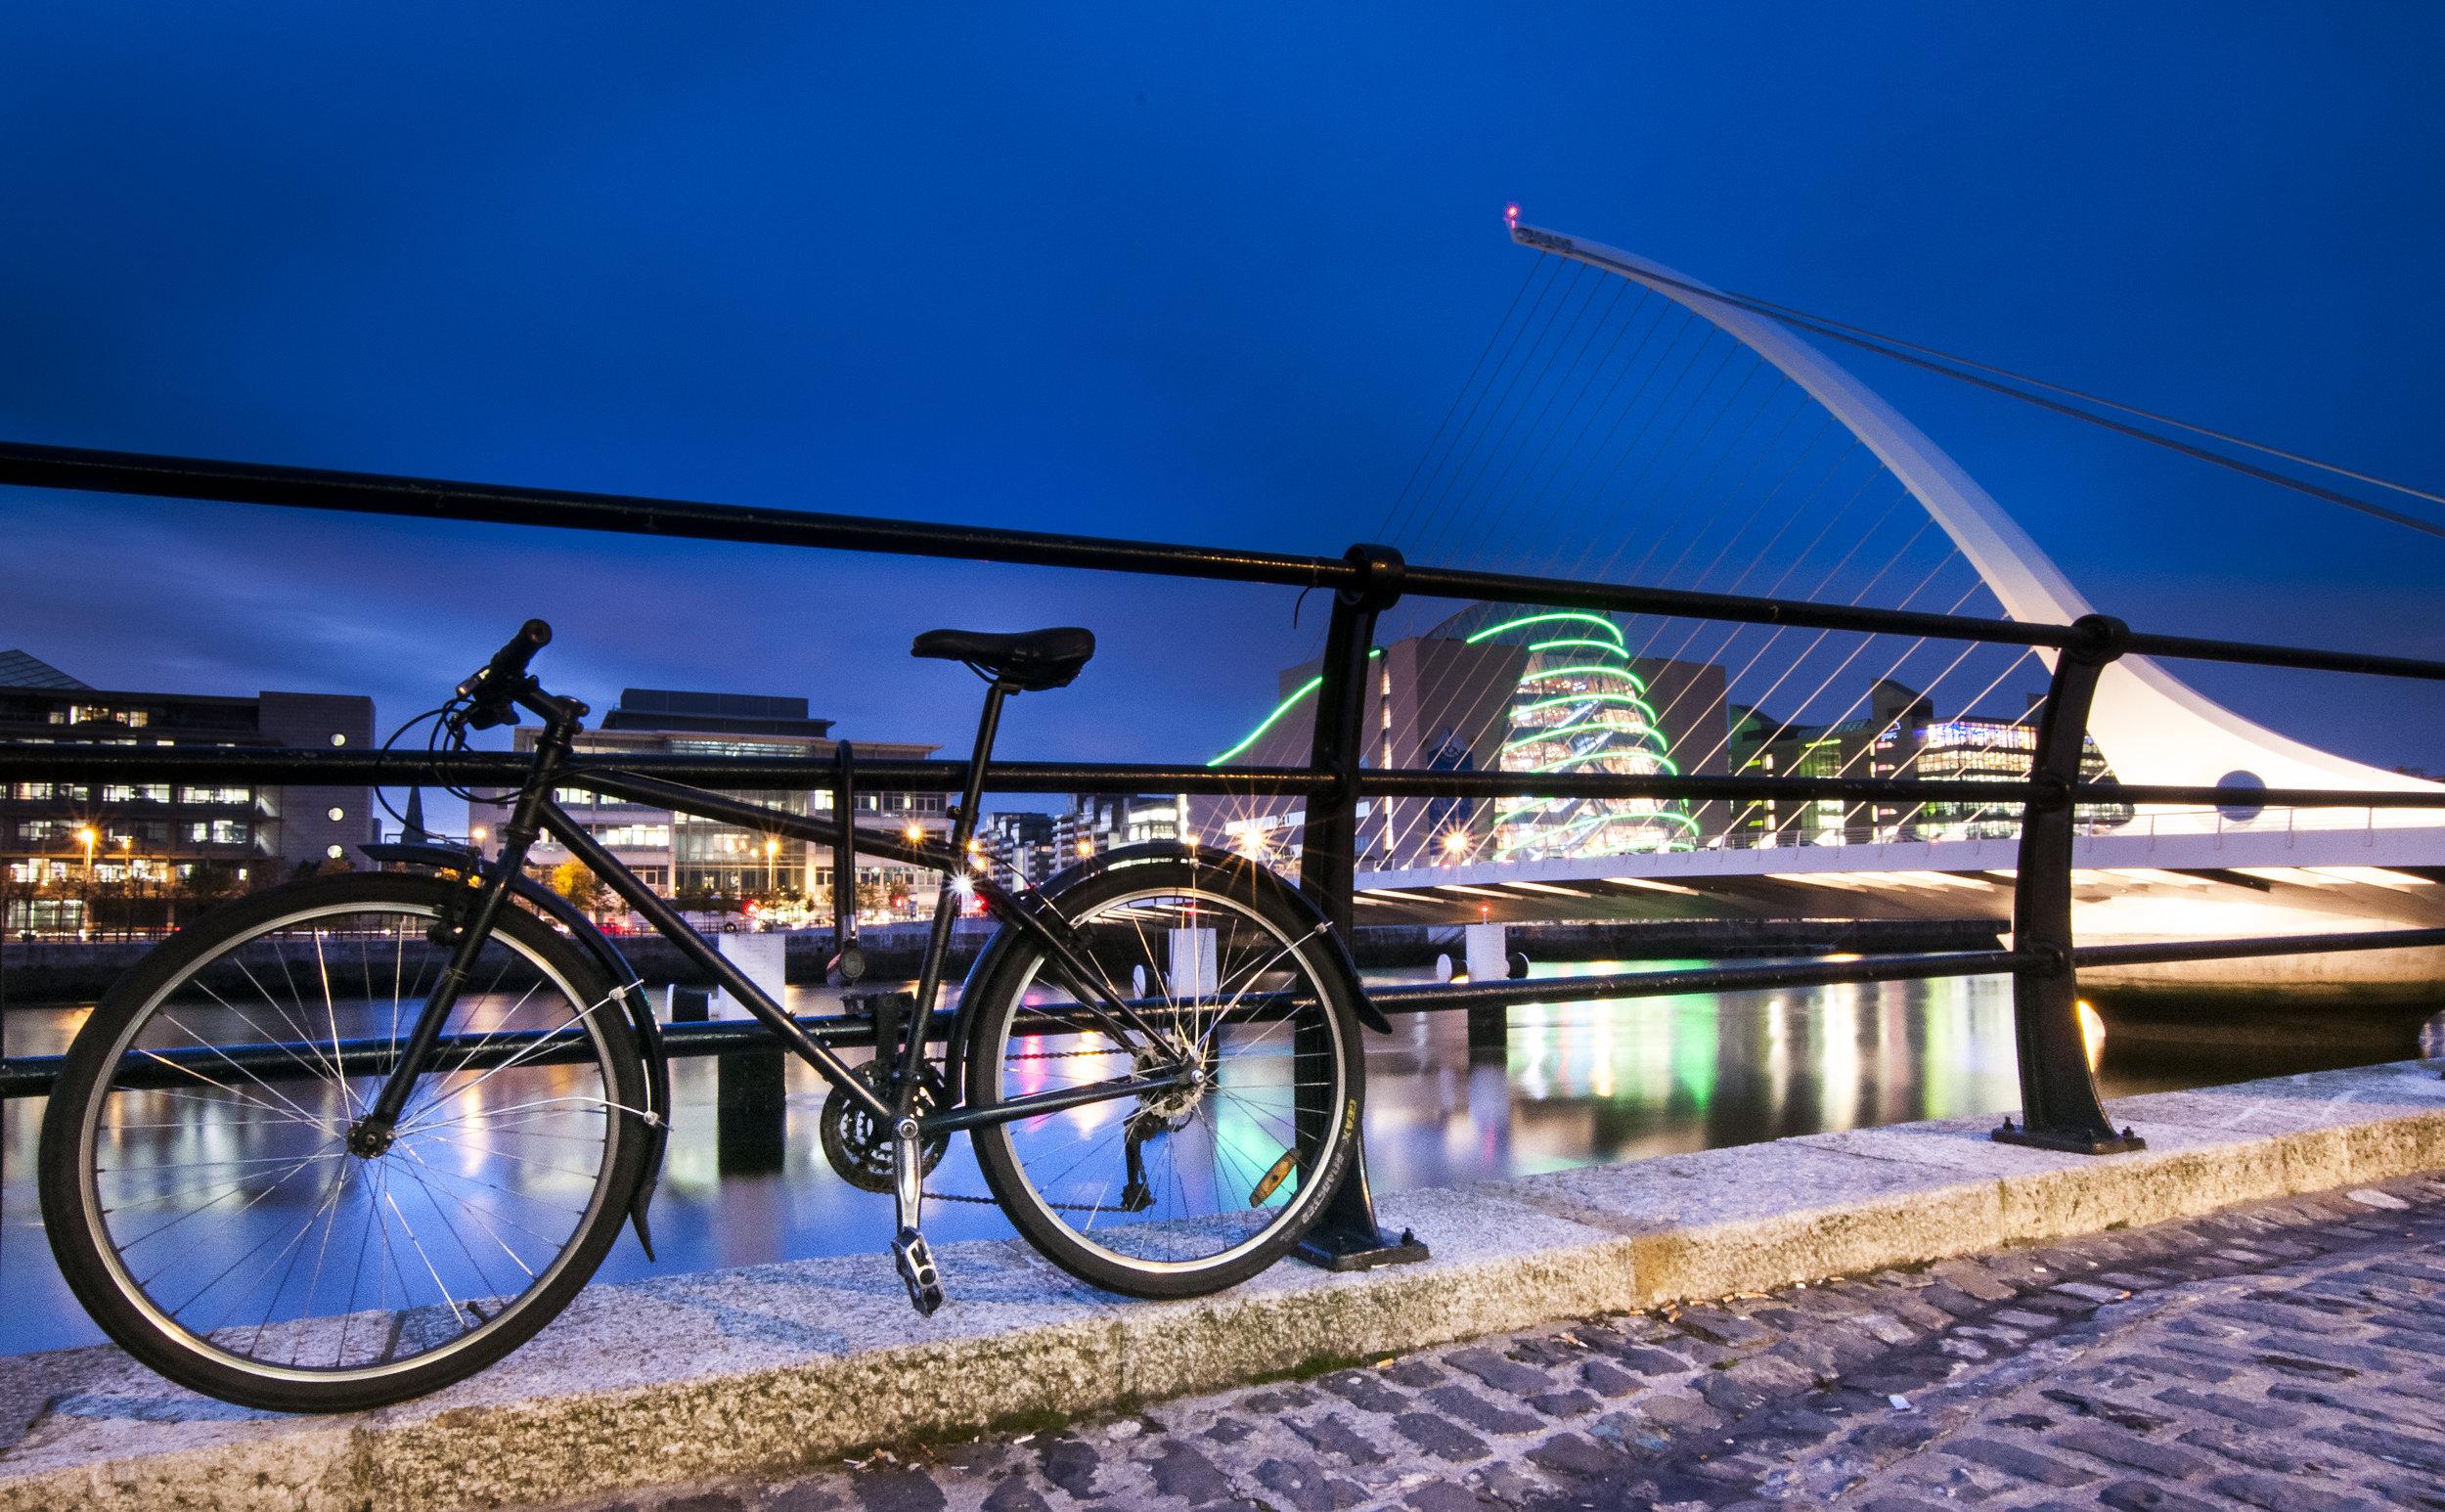 Bike and Samuel Beckett Bridge